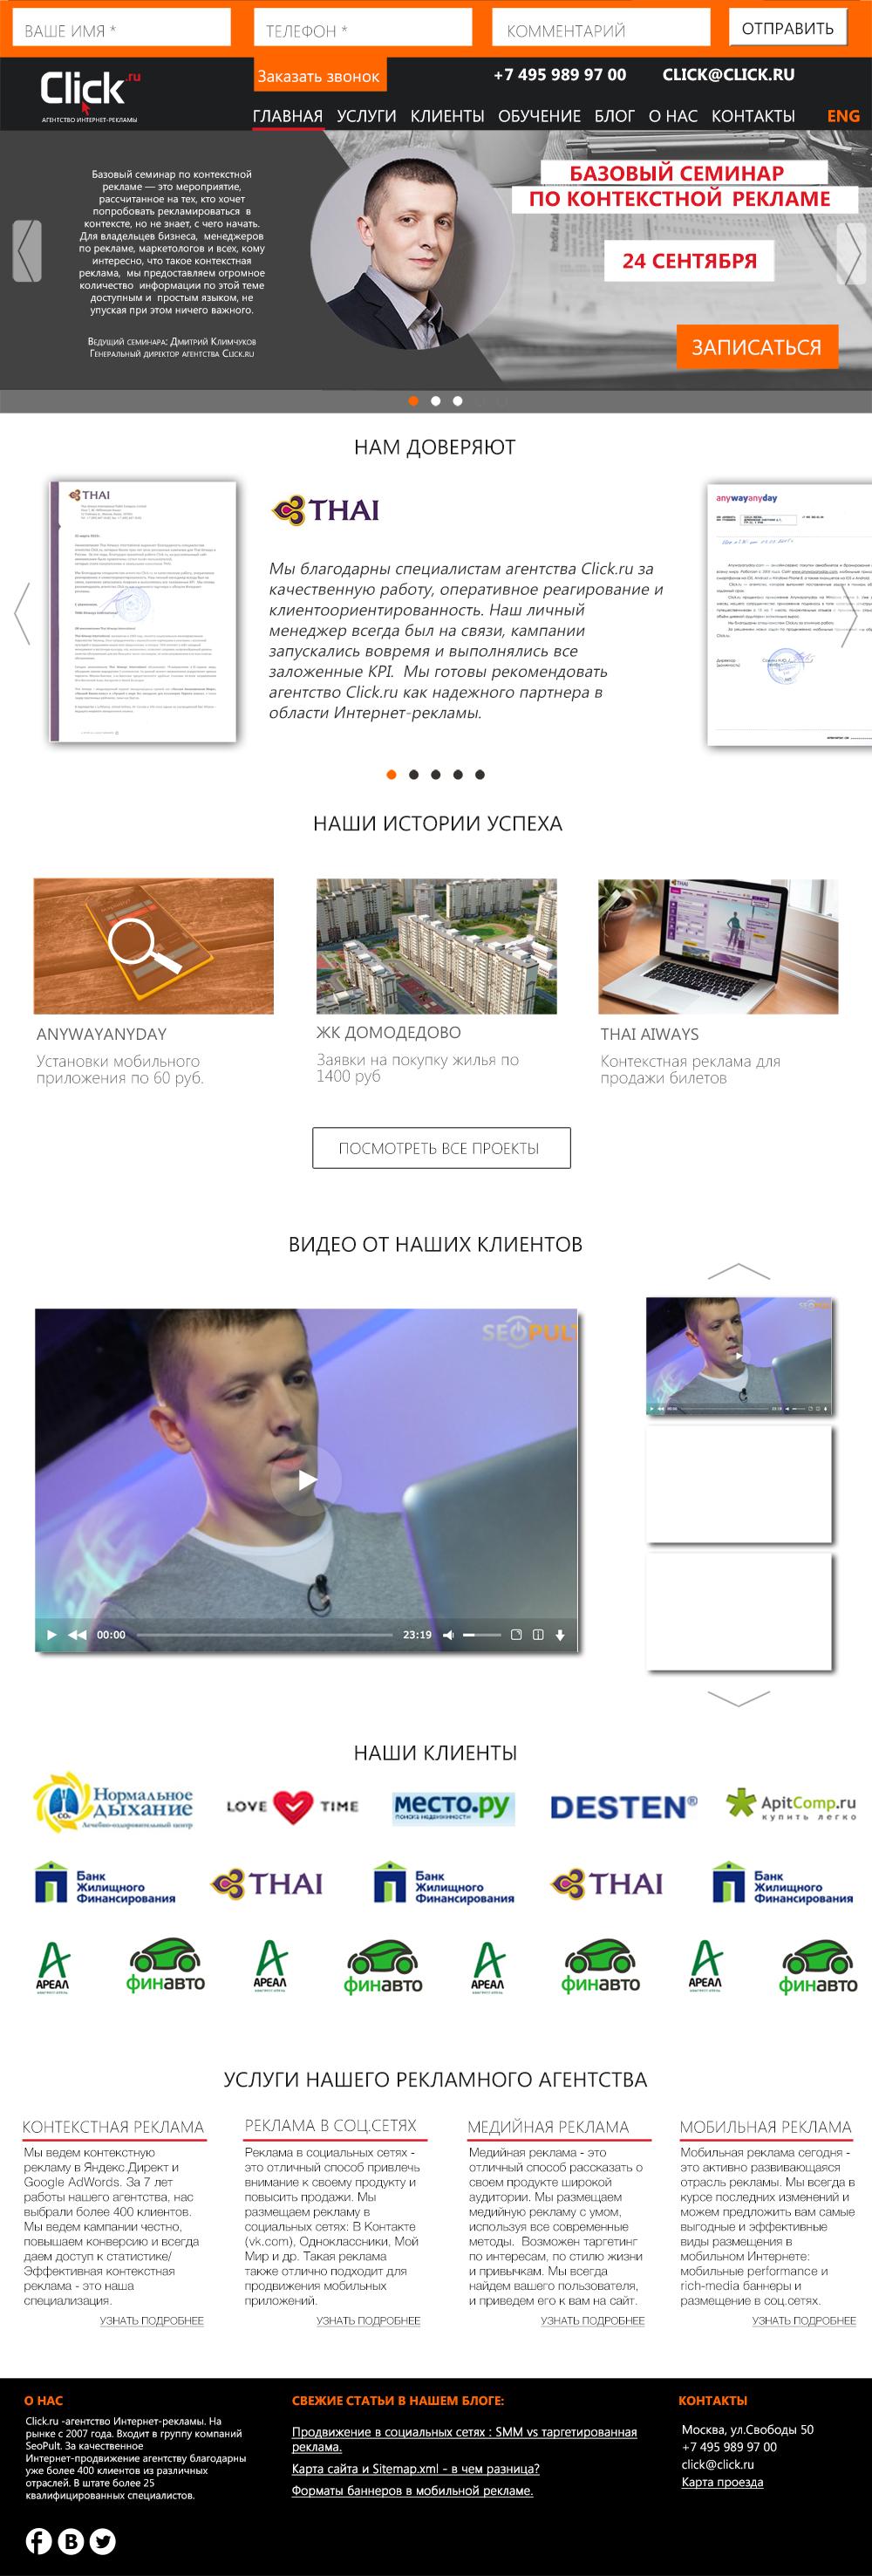 Click.ru - мастер Интернет-рекламы